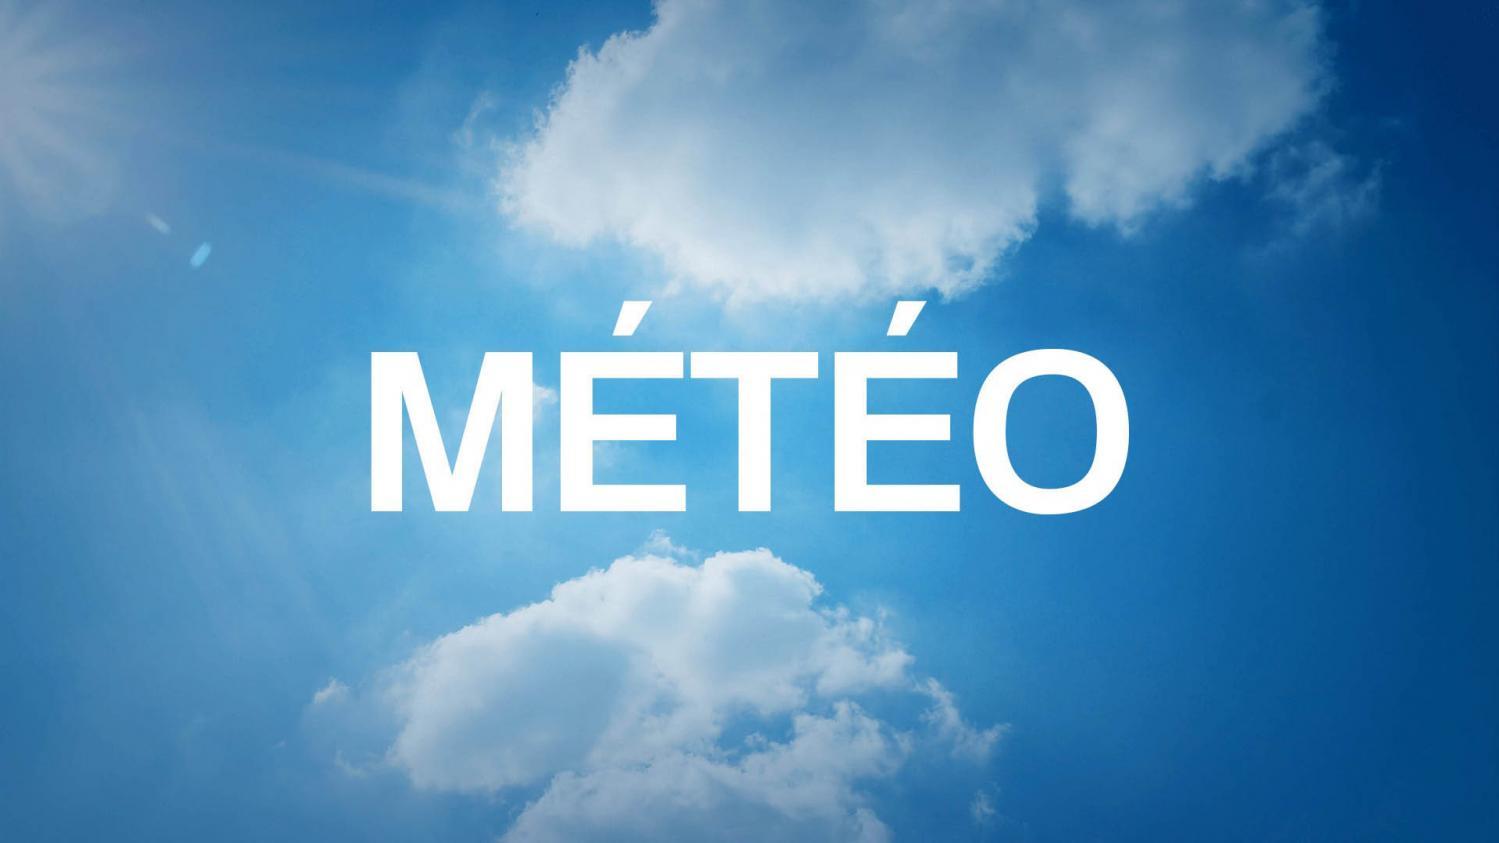 Bulletin météo du lundi 8 juillet 2019 à 13h40 - Franceinfo